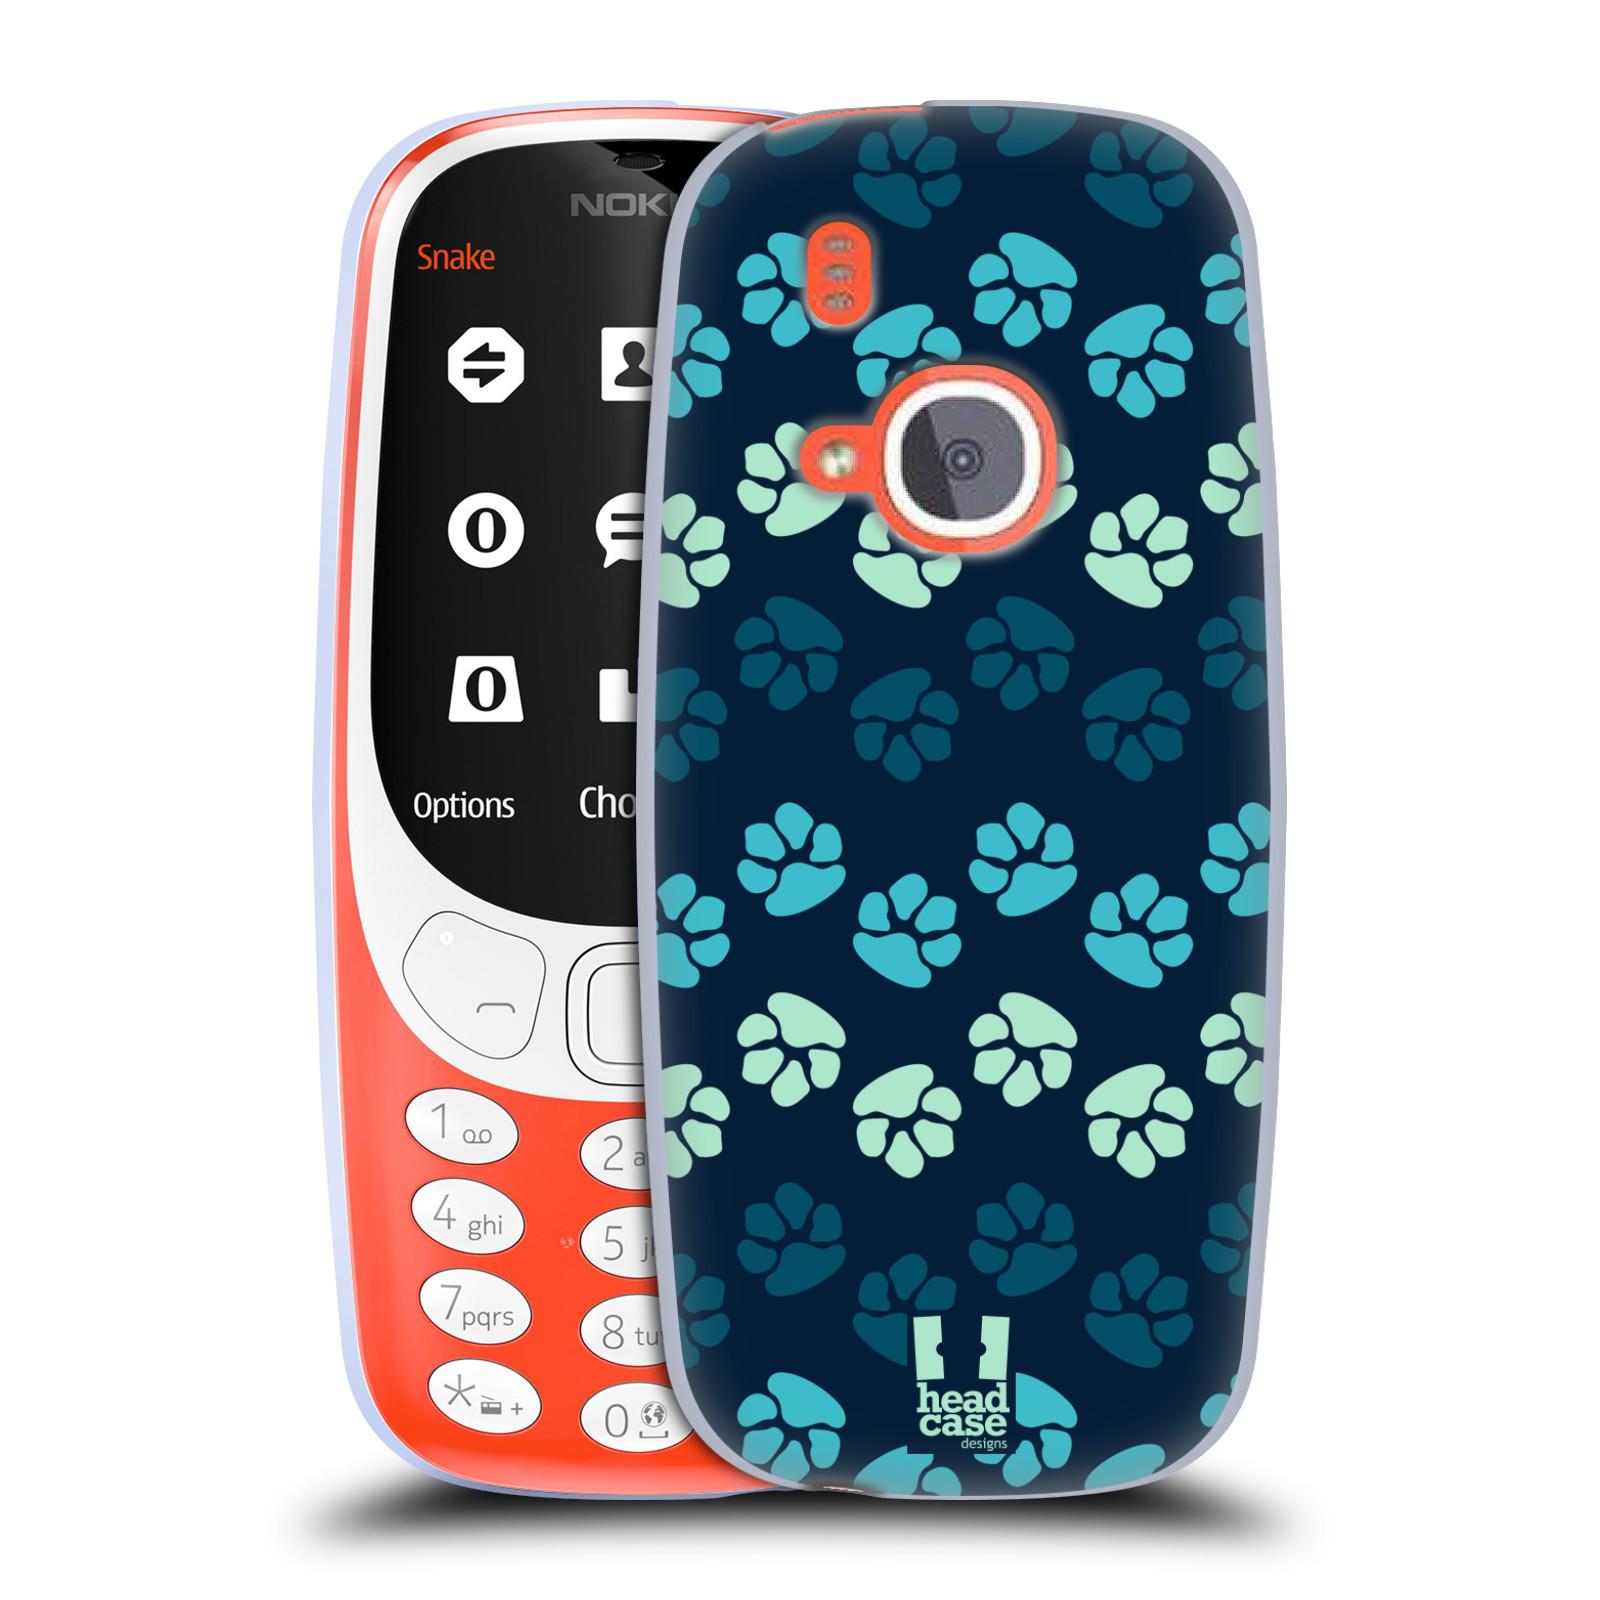 Silikonové pouzdro na mobil Nokia 3310 - Head Case - TLAPKY MODRÉ (Silikonový kryt či obal na mobilní telefon Nokia 3310 (2017) s motivem TLAPKY MODRÉ)